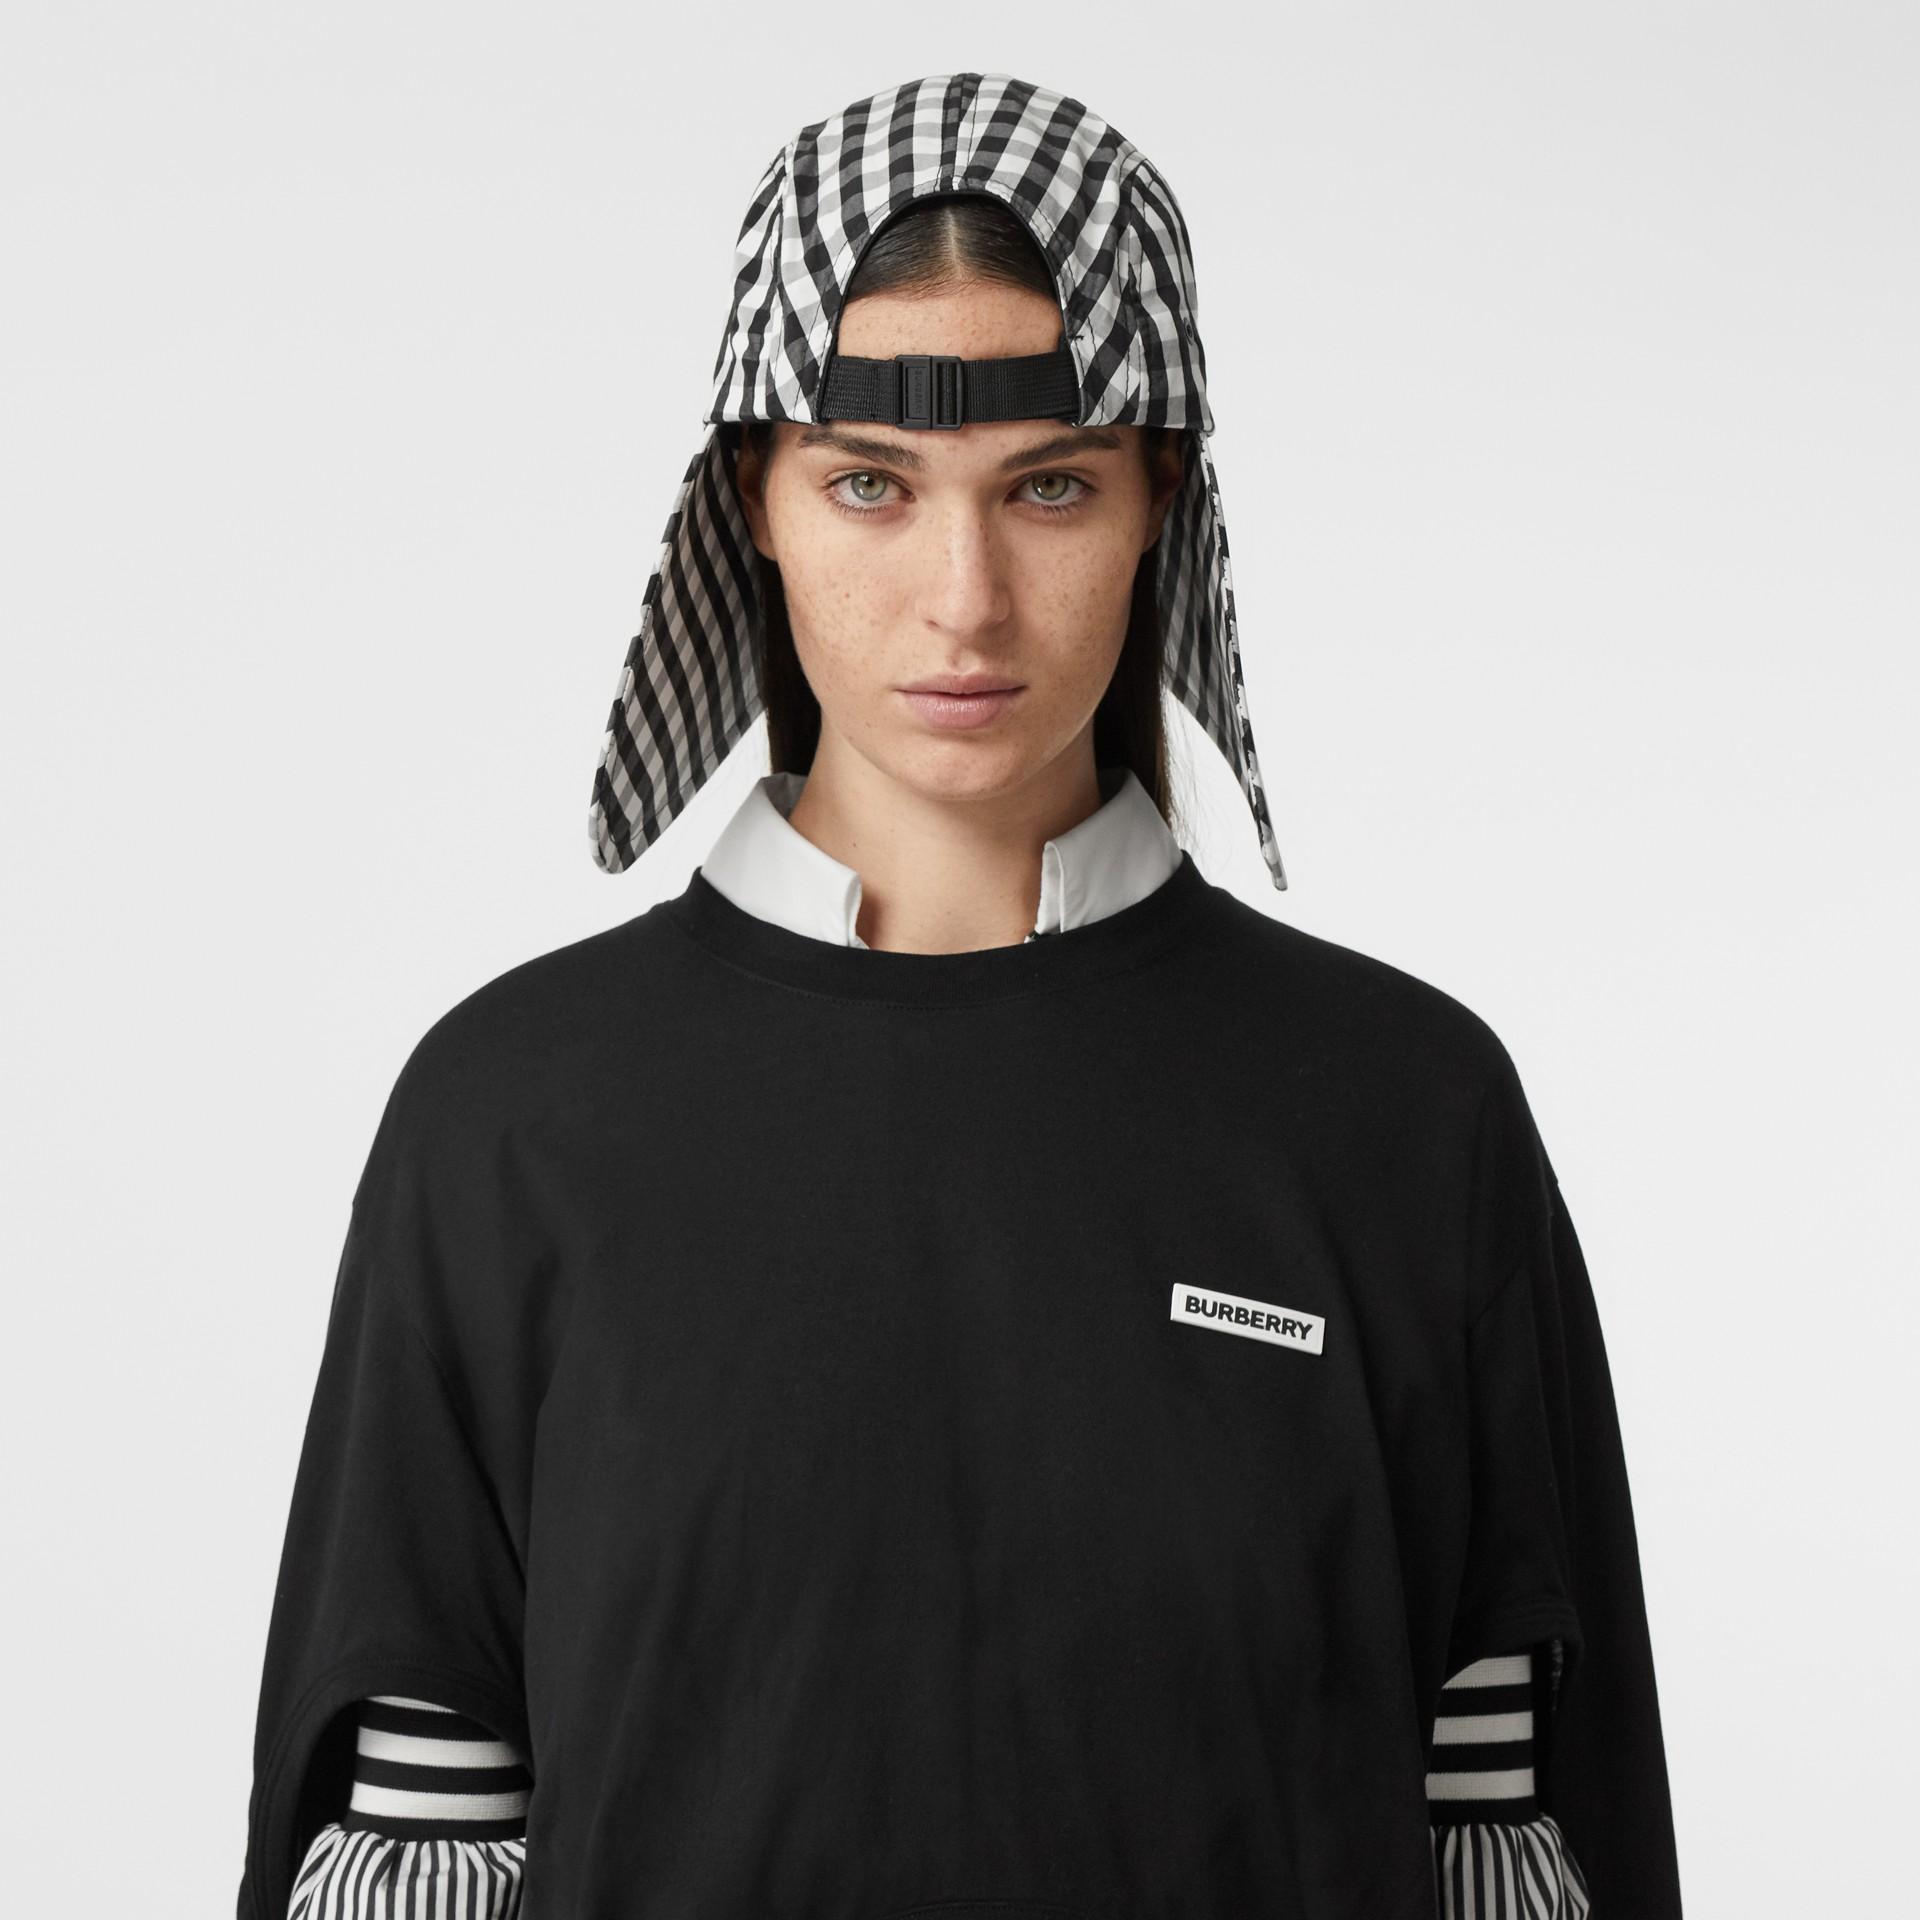 Hauben-Kappe aus Baumwolle mit Logo-Applikation und Vichy-Muster (Schwarz/weiß) | Burberry - Galerie-Bild 2